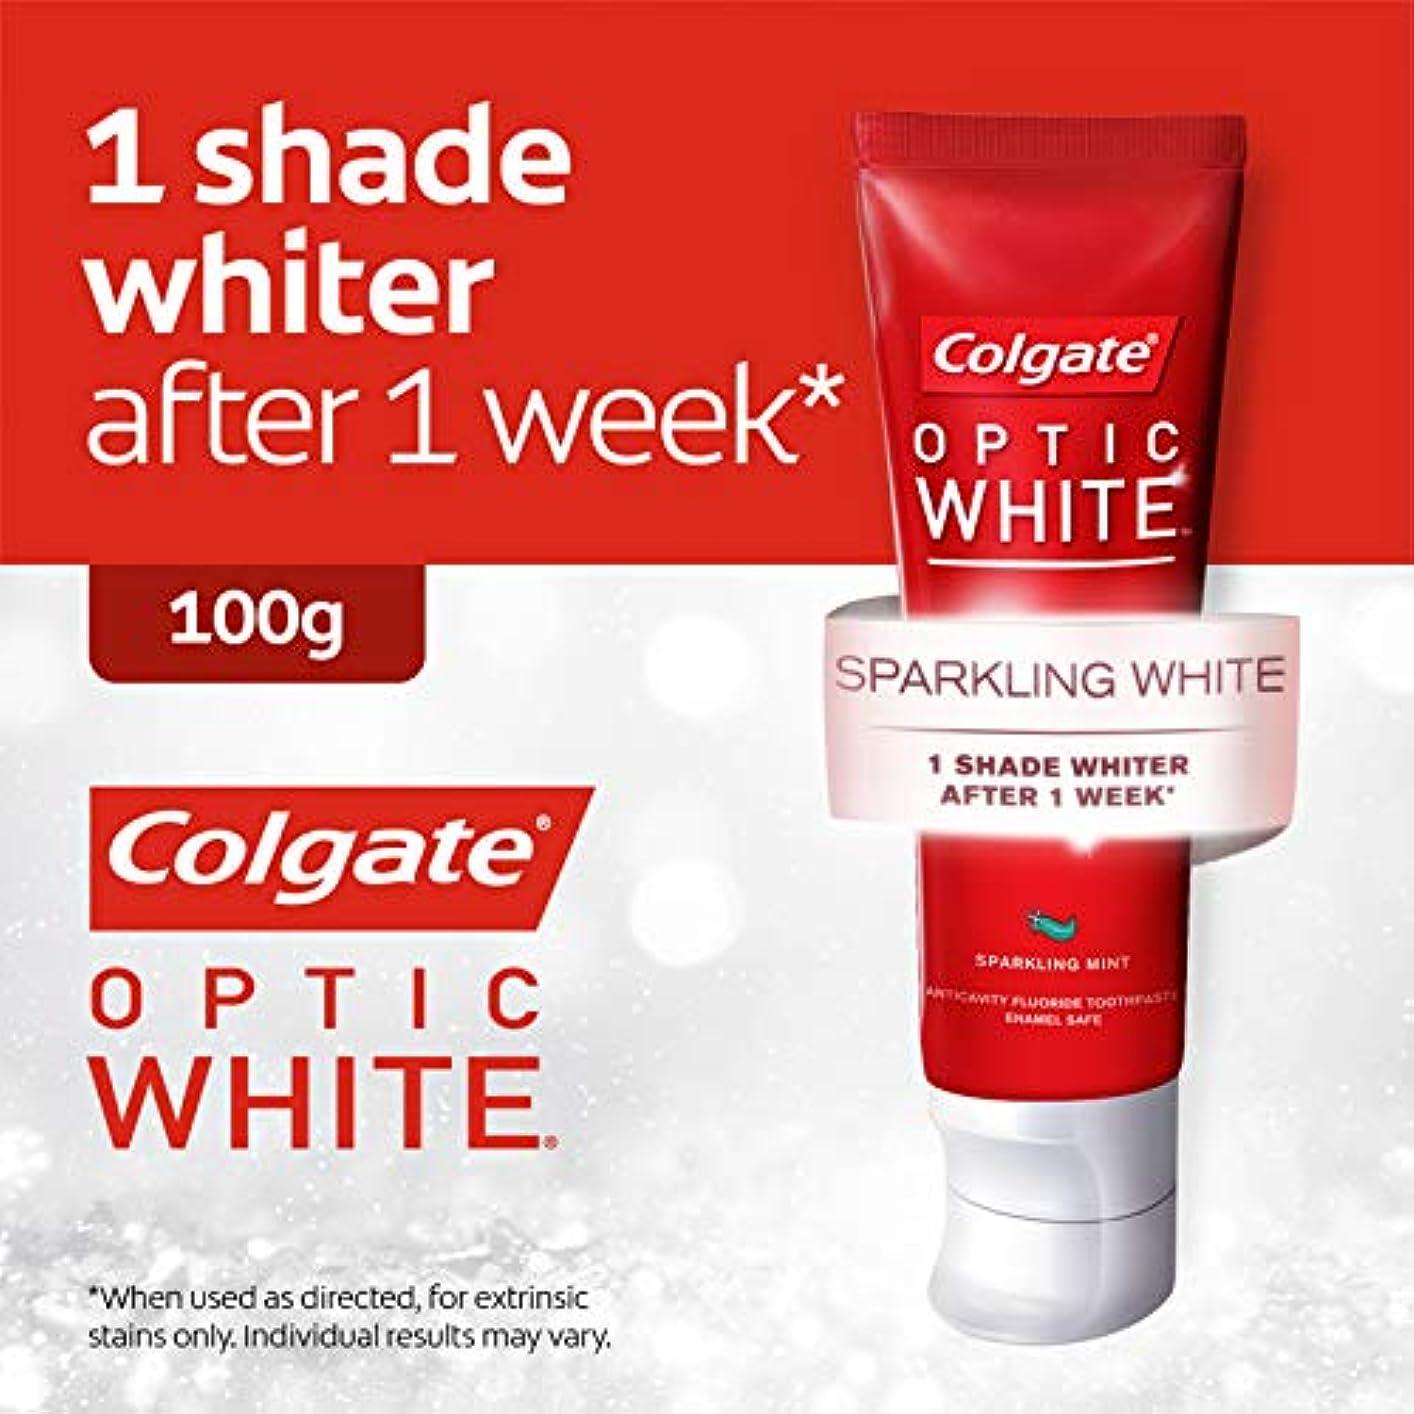 少年カメ自殺コールゲート オプティック ホワイト スパークリングシャイン 100g 歯磨き粉 Colgate Optic White Sparkling Shine 100g Tooth Paste